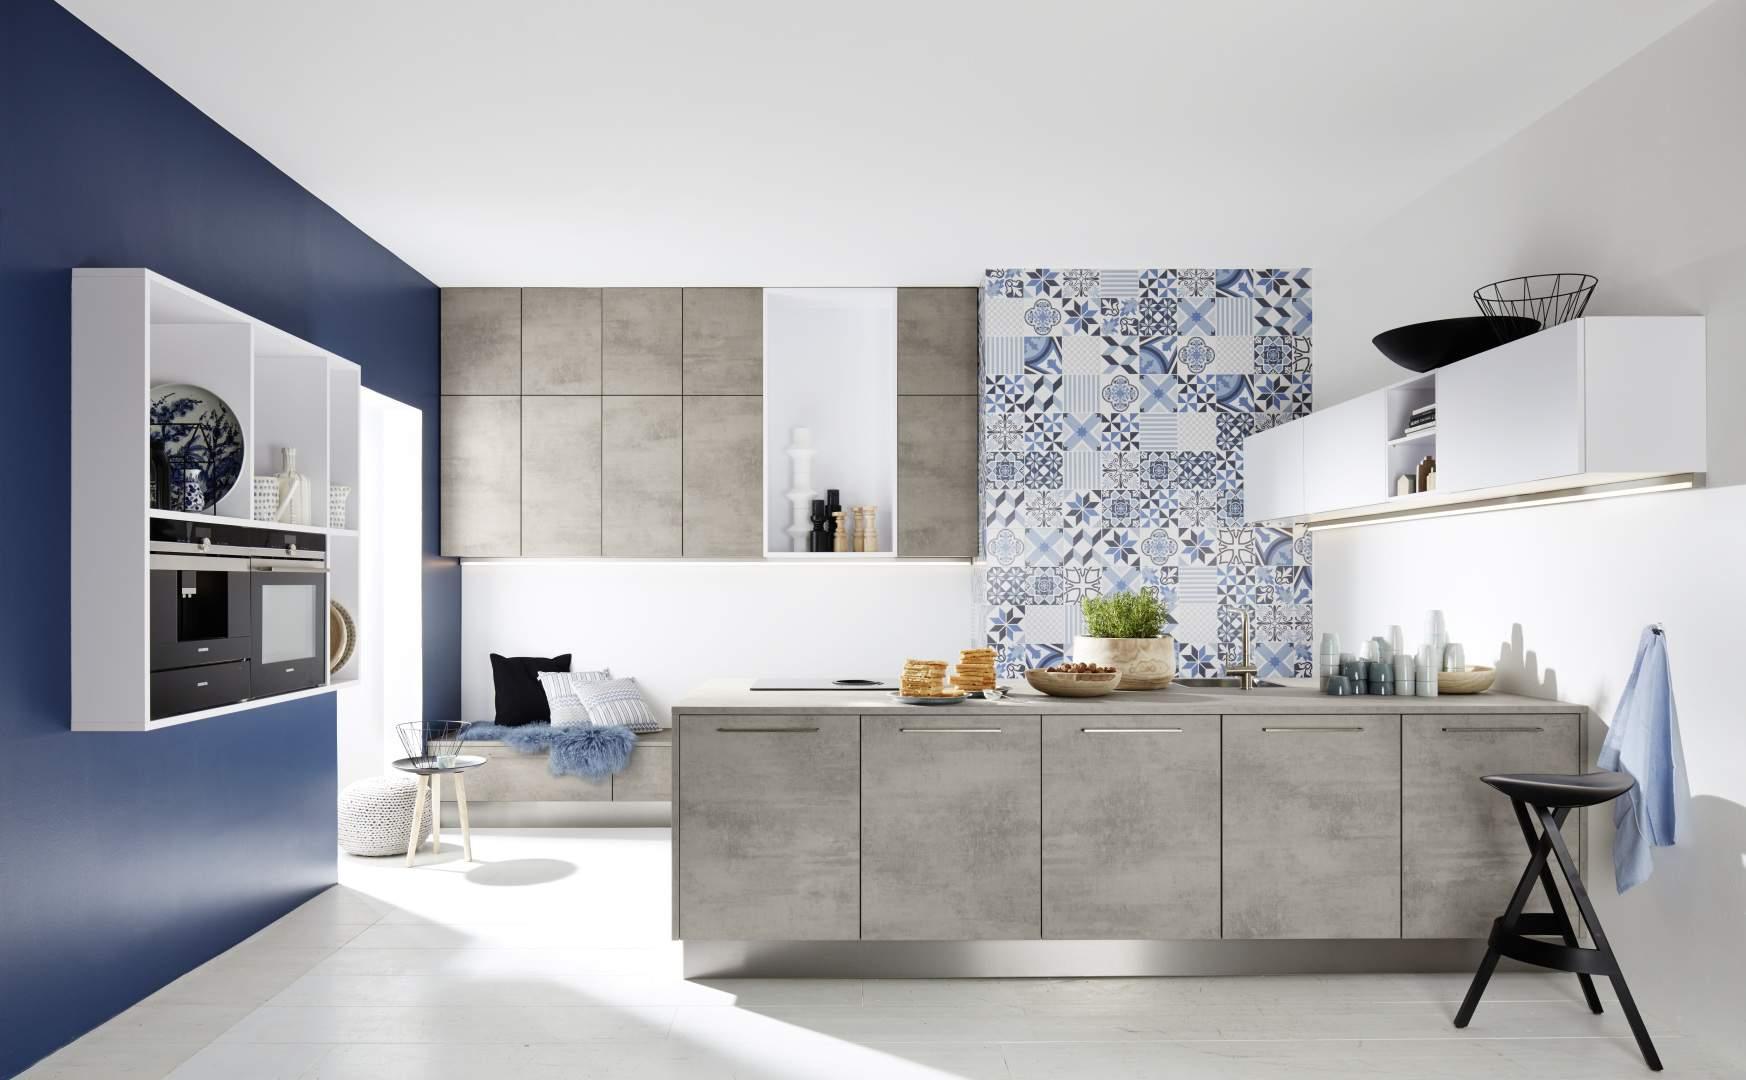 Tendenze arredamento cucina 2019 stili e novit for Ultime tendenze arredamento